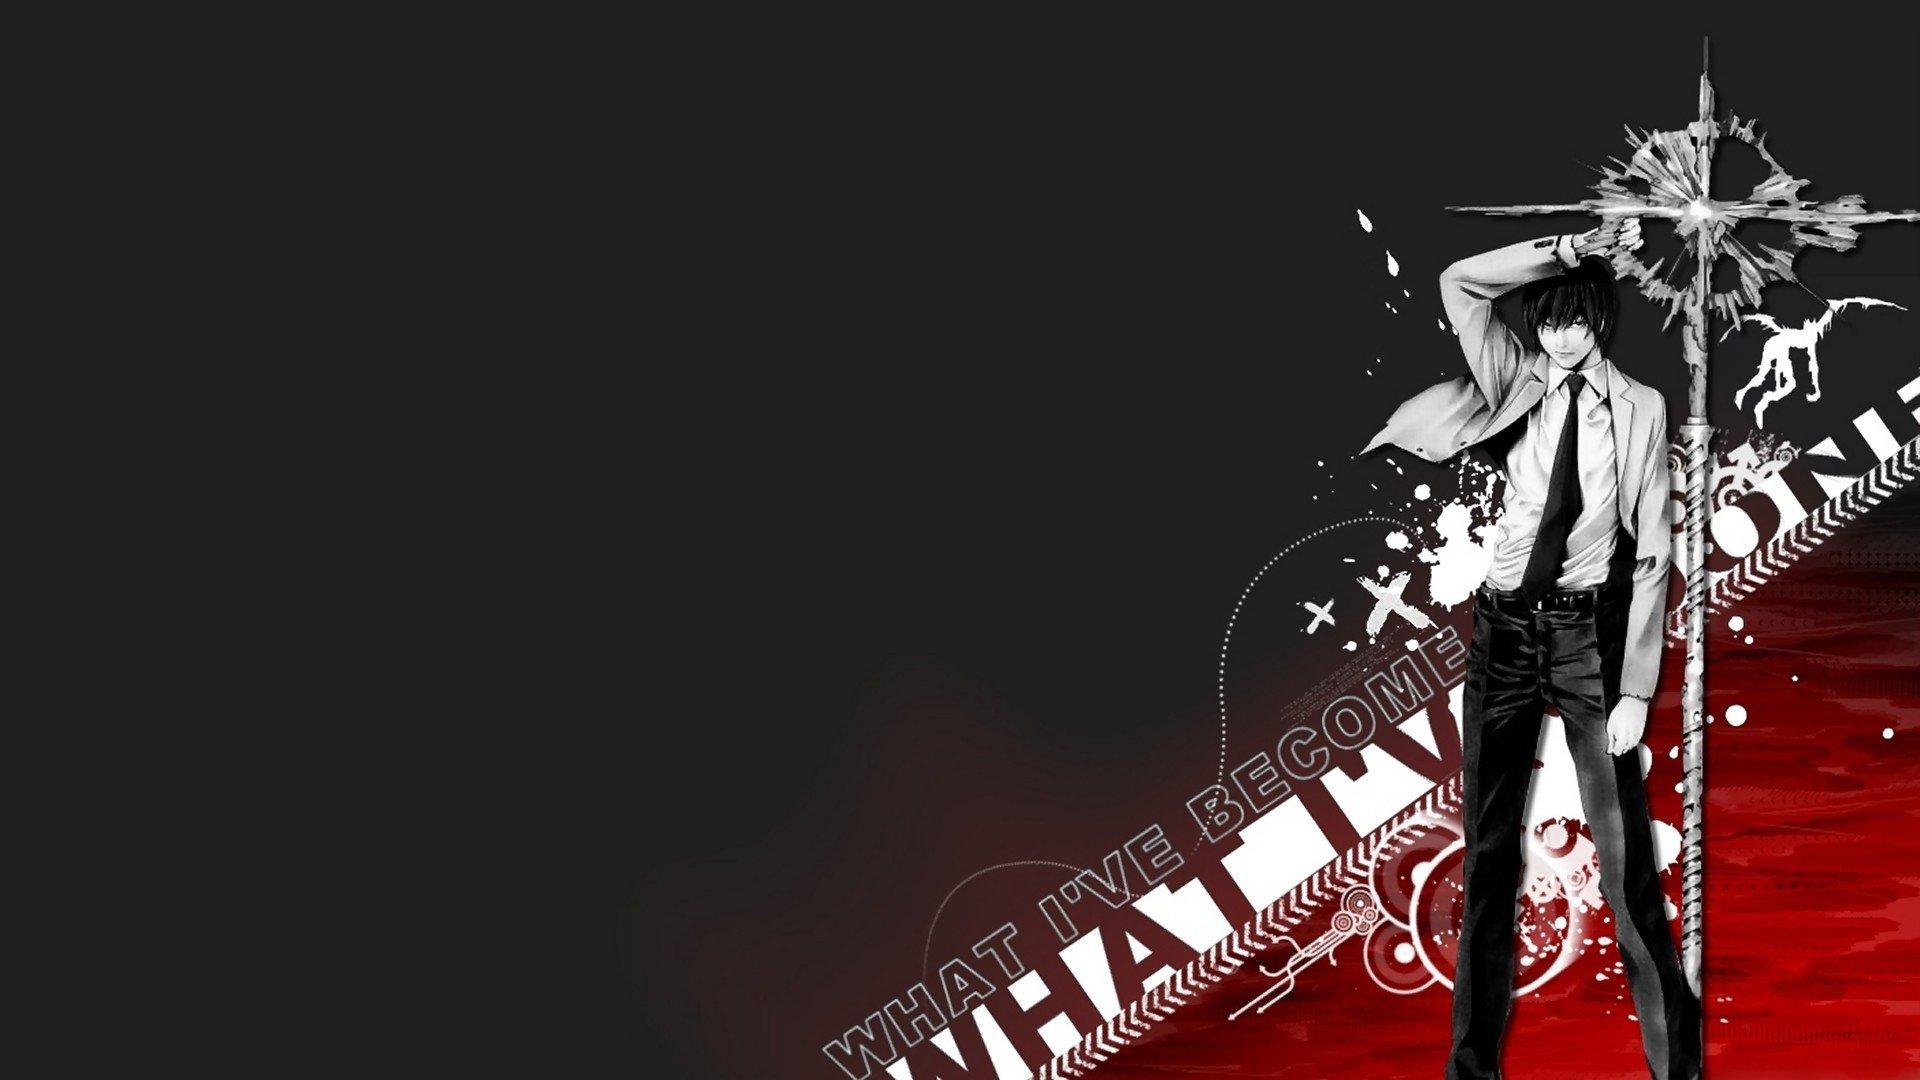 Death Note Fondo De Pantalla Hd Fondo De Escritorio